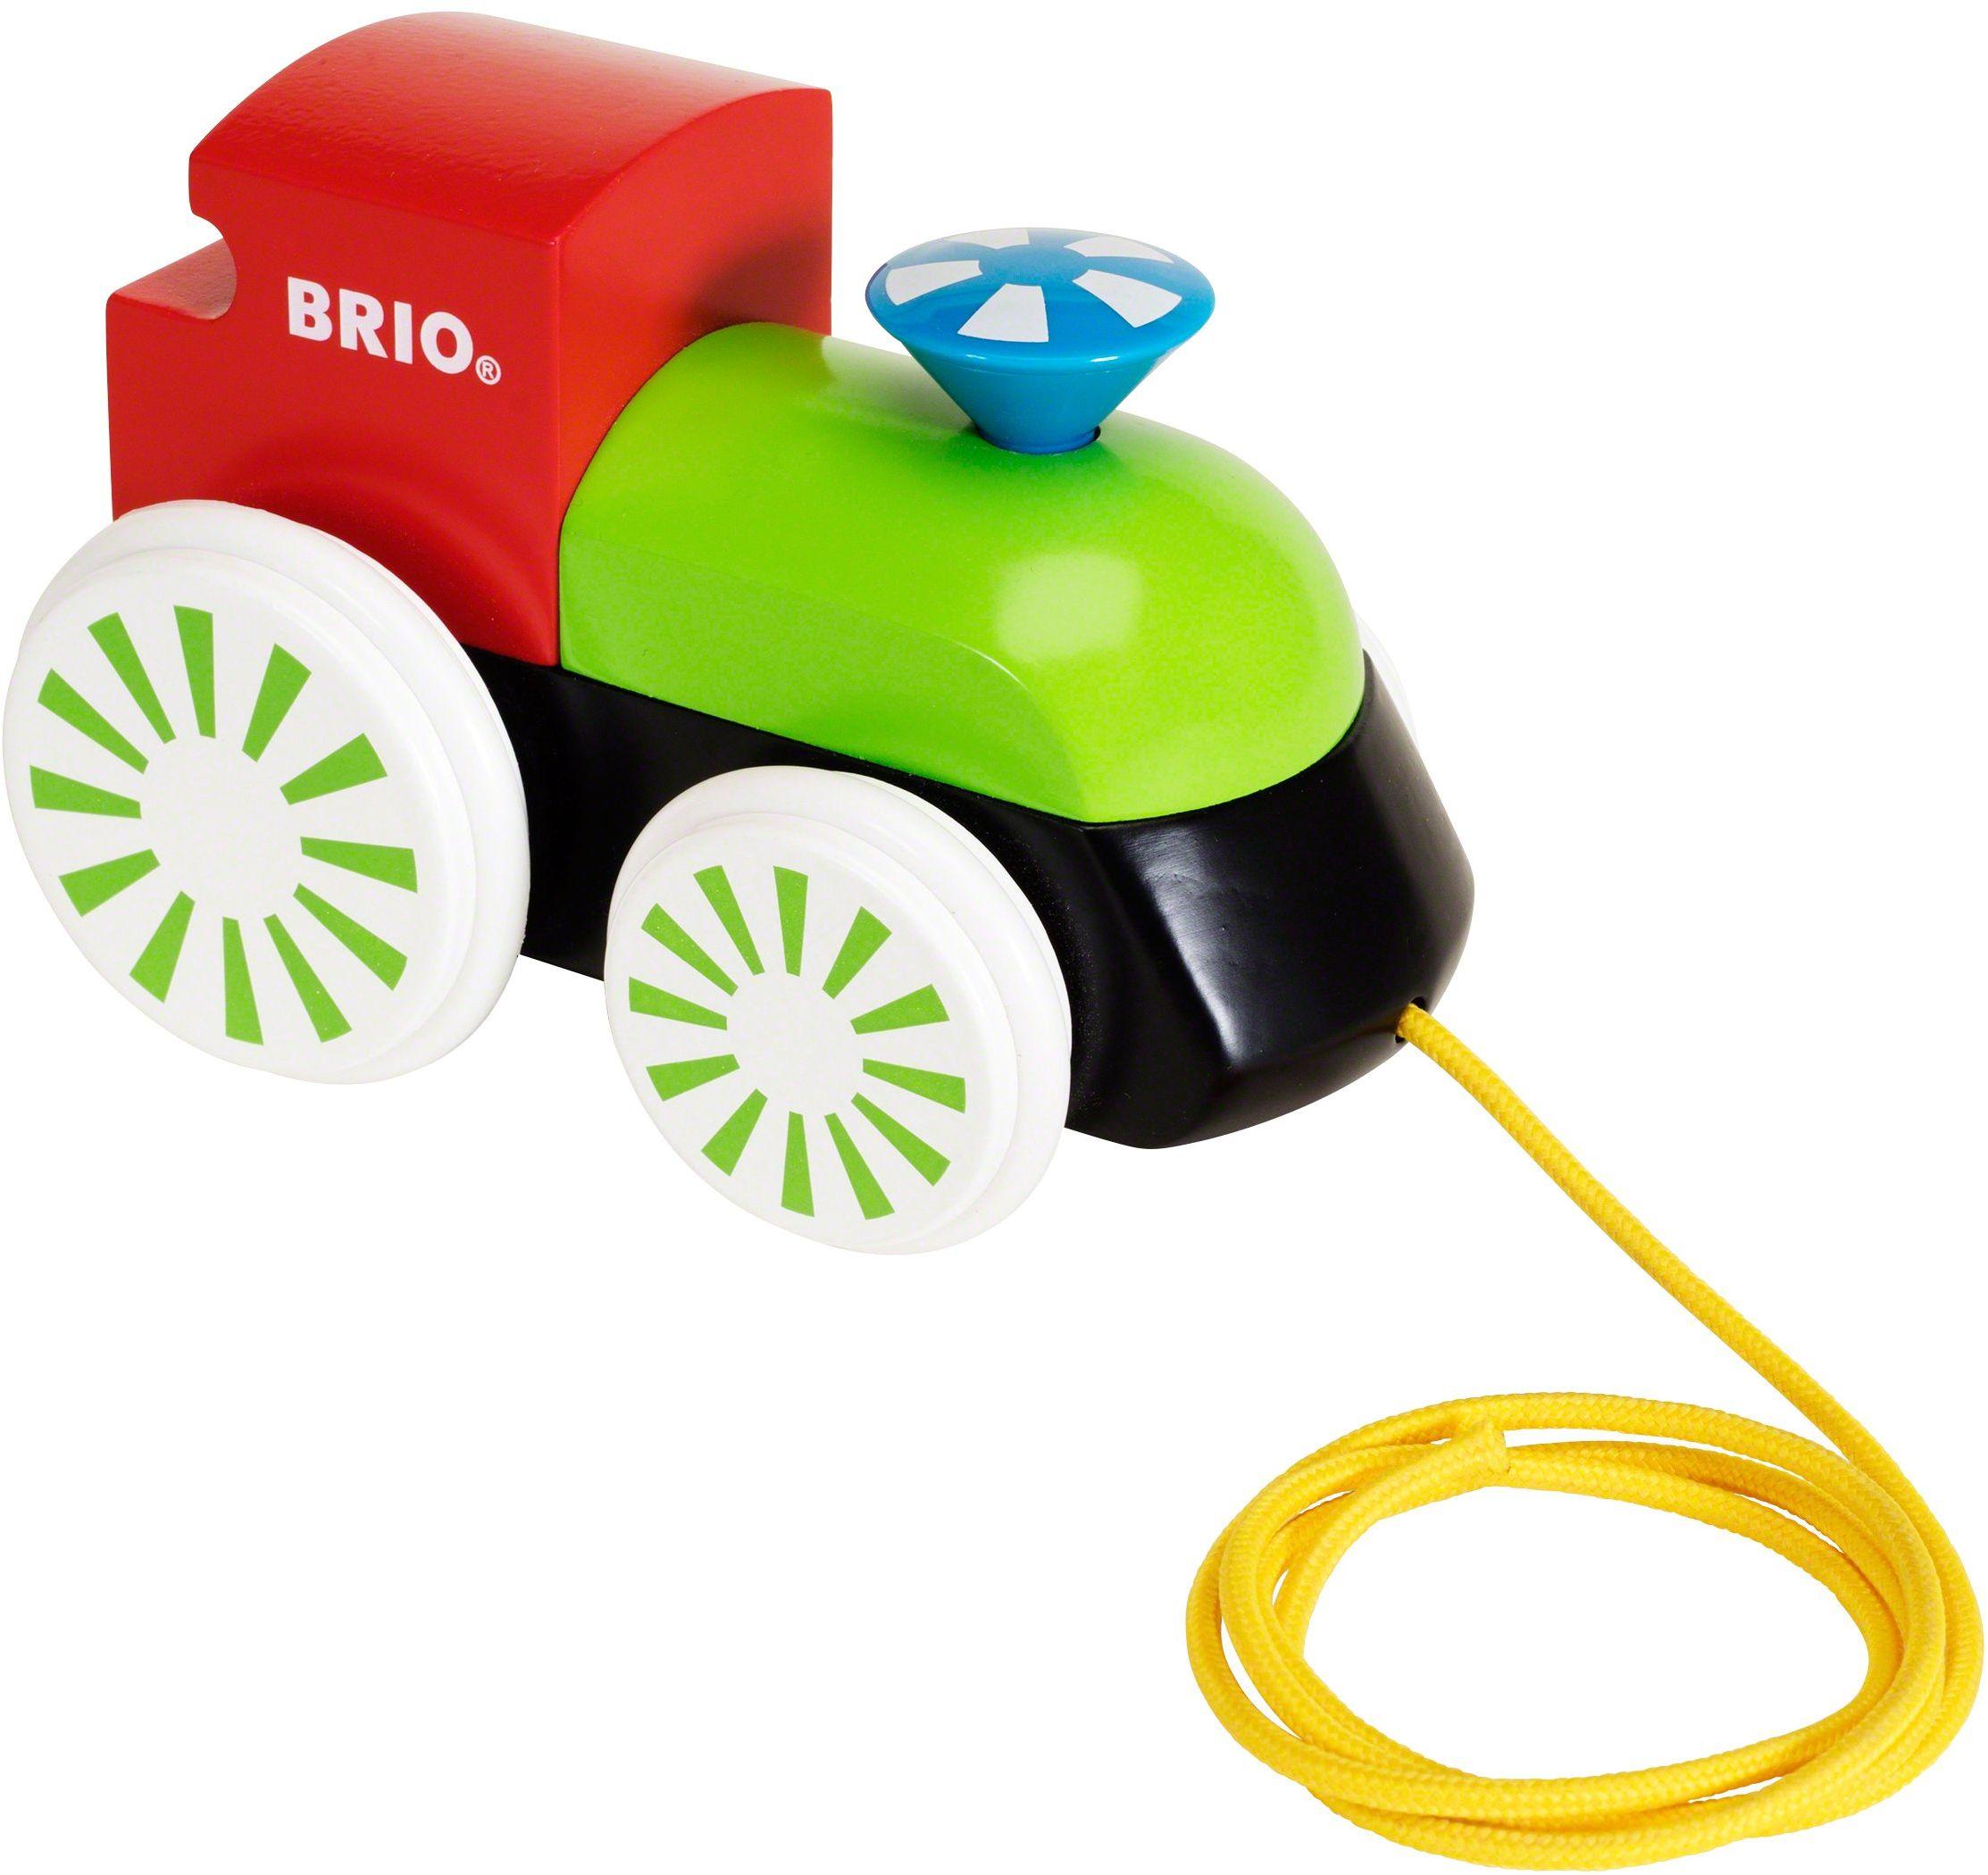 BRIO Niemowlę i maluch - pociągnij wzdłuż silnika